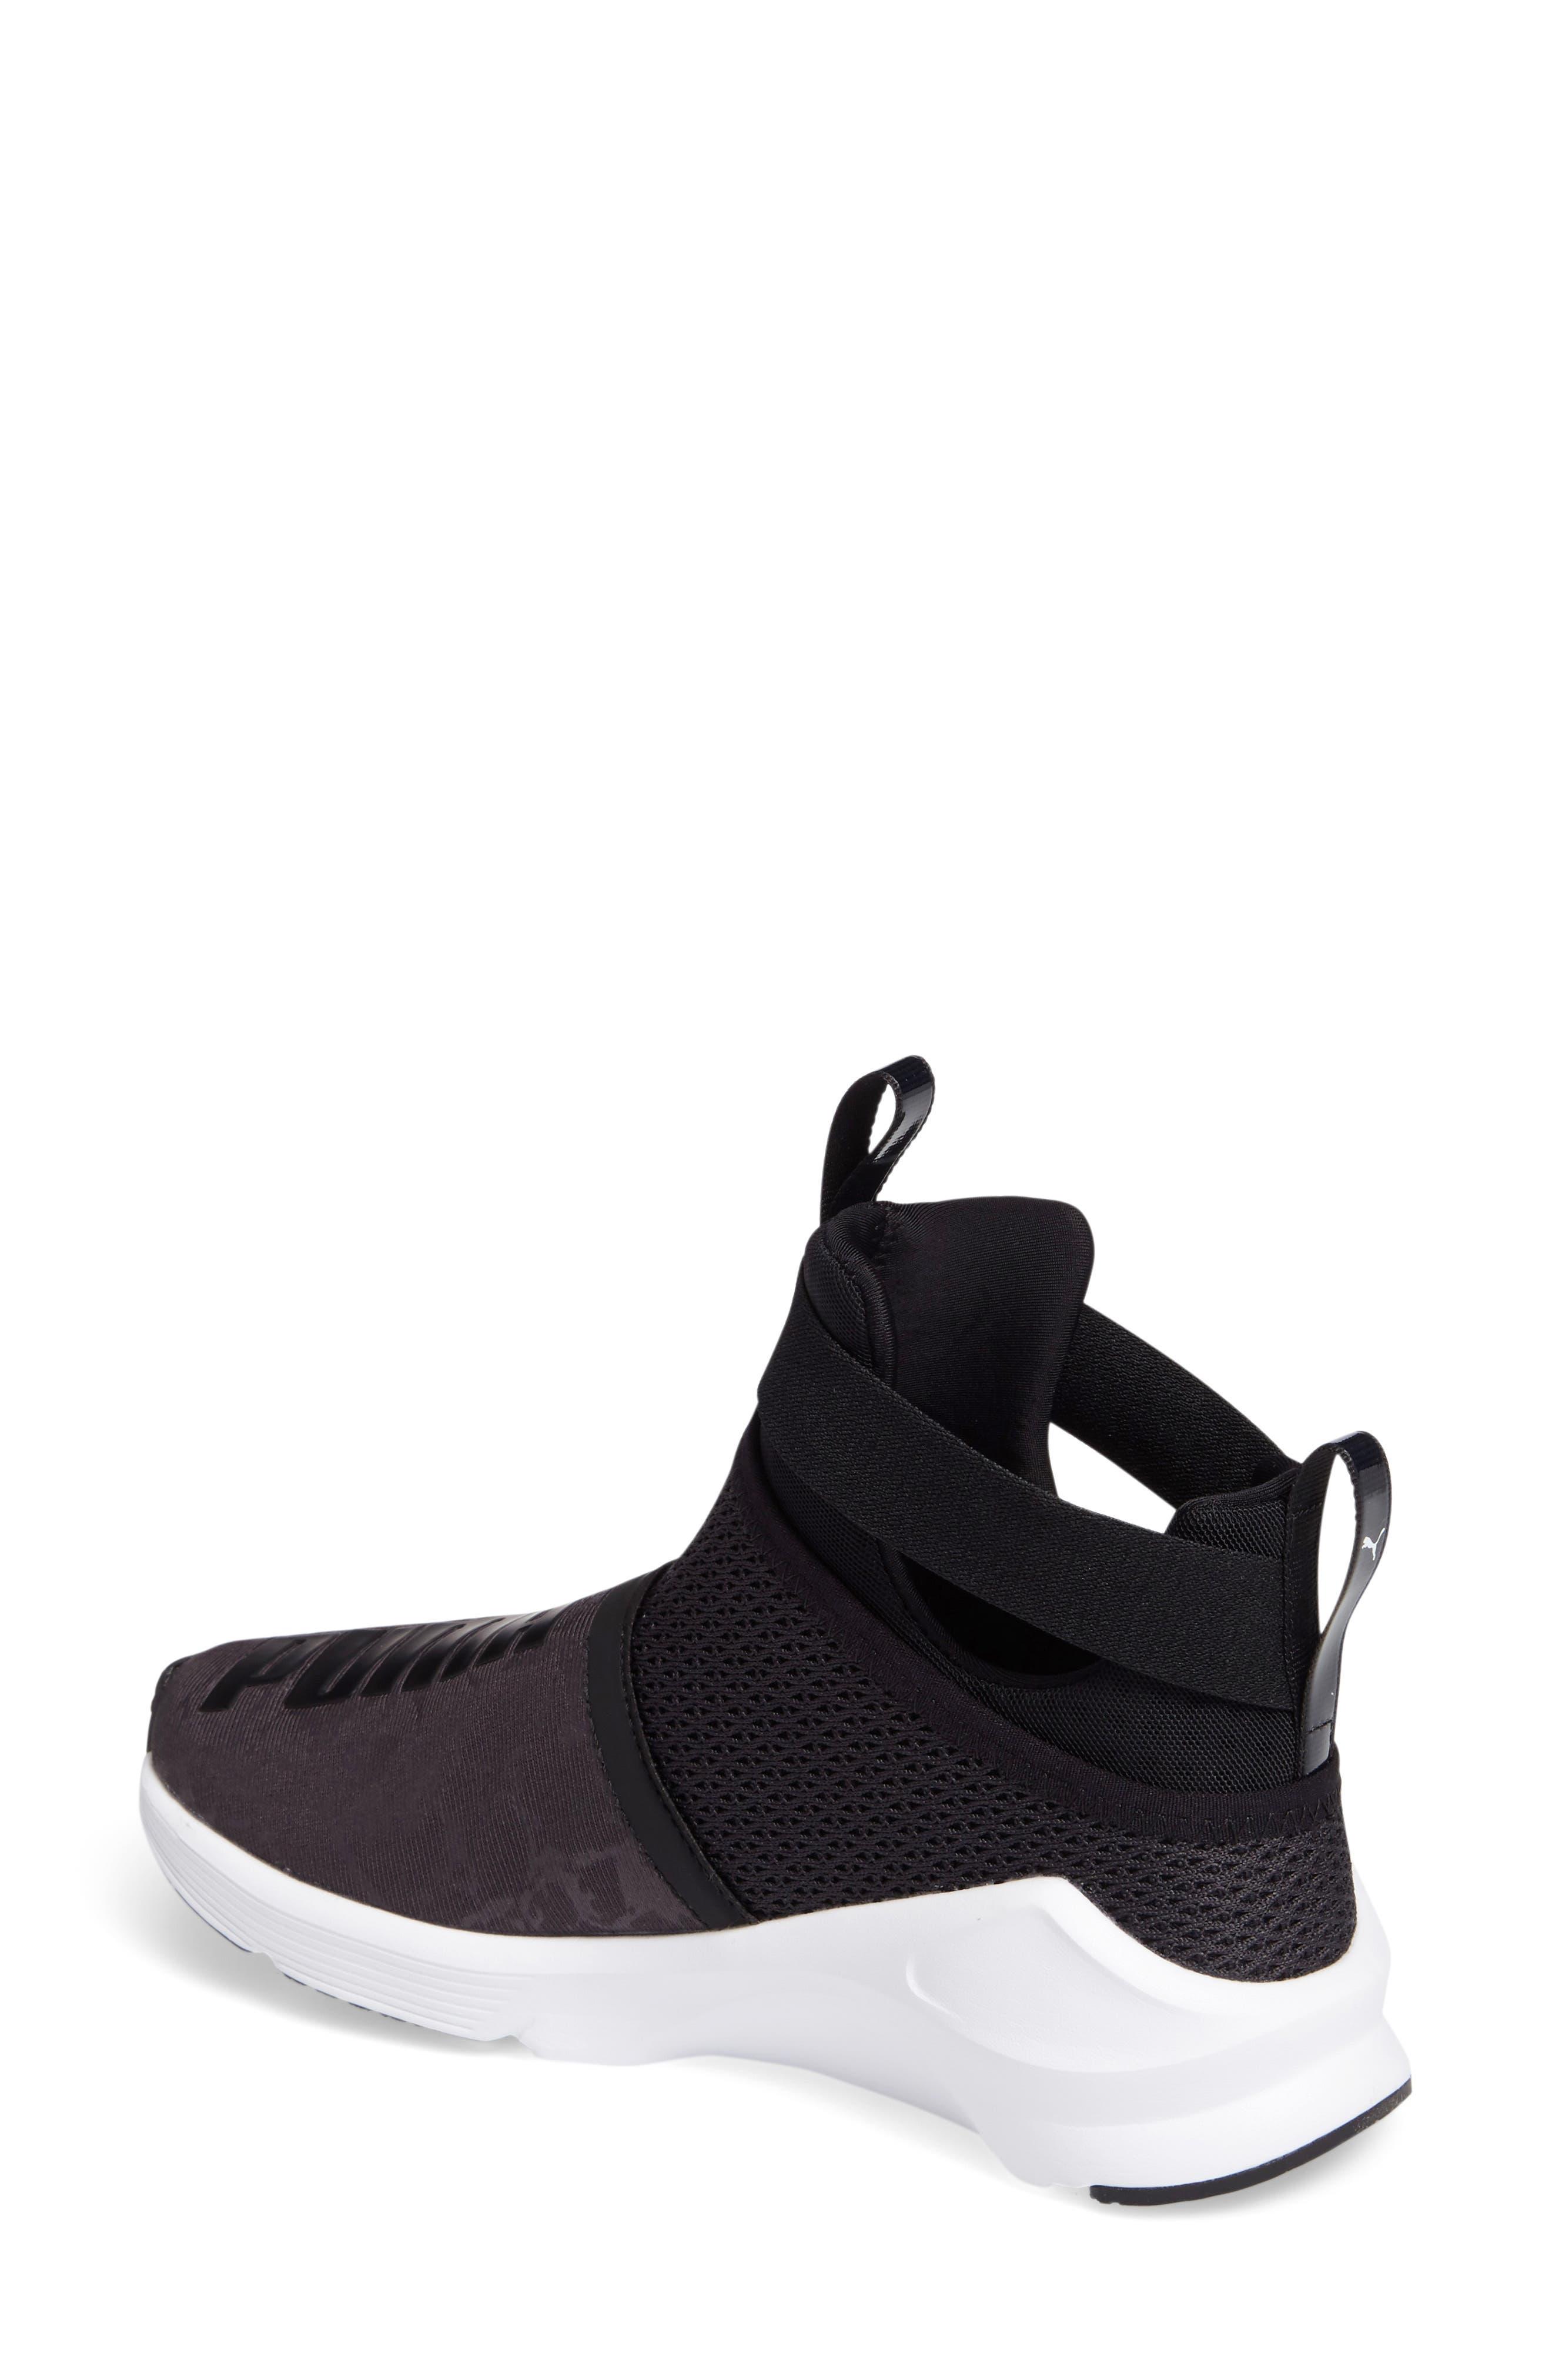 Fierce Strap Training Sneaker,                             Alternate thumbnail 2, color,                             Black/ White